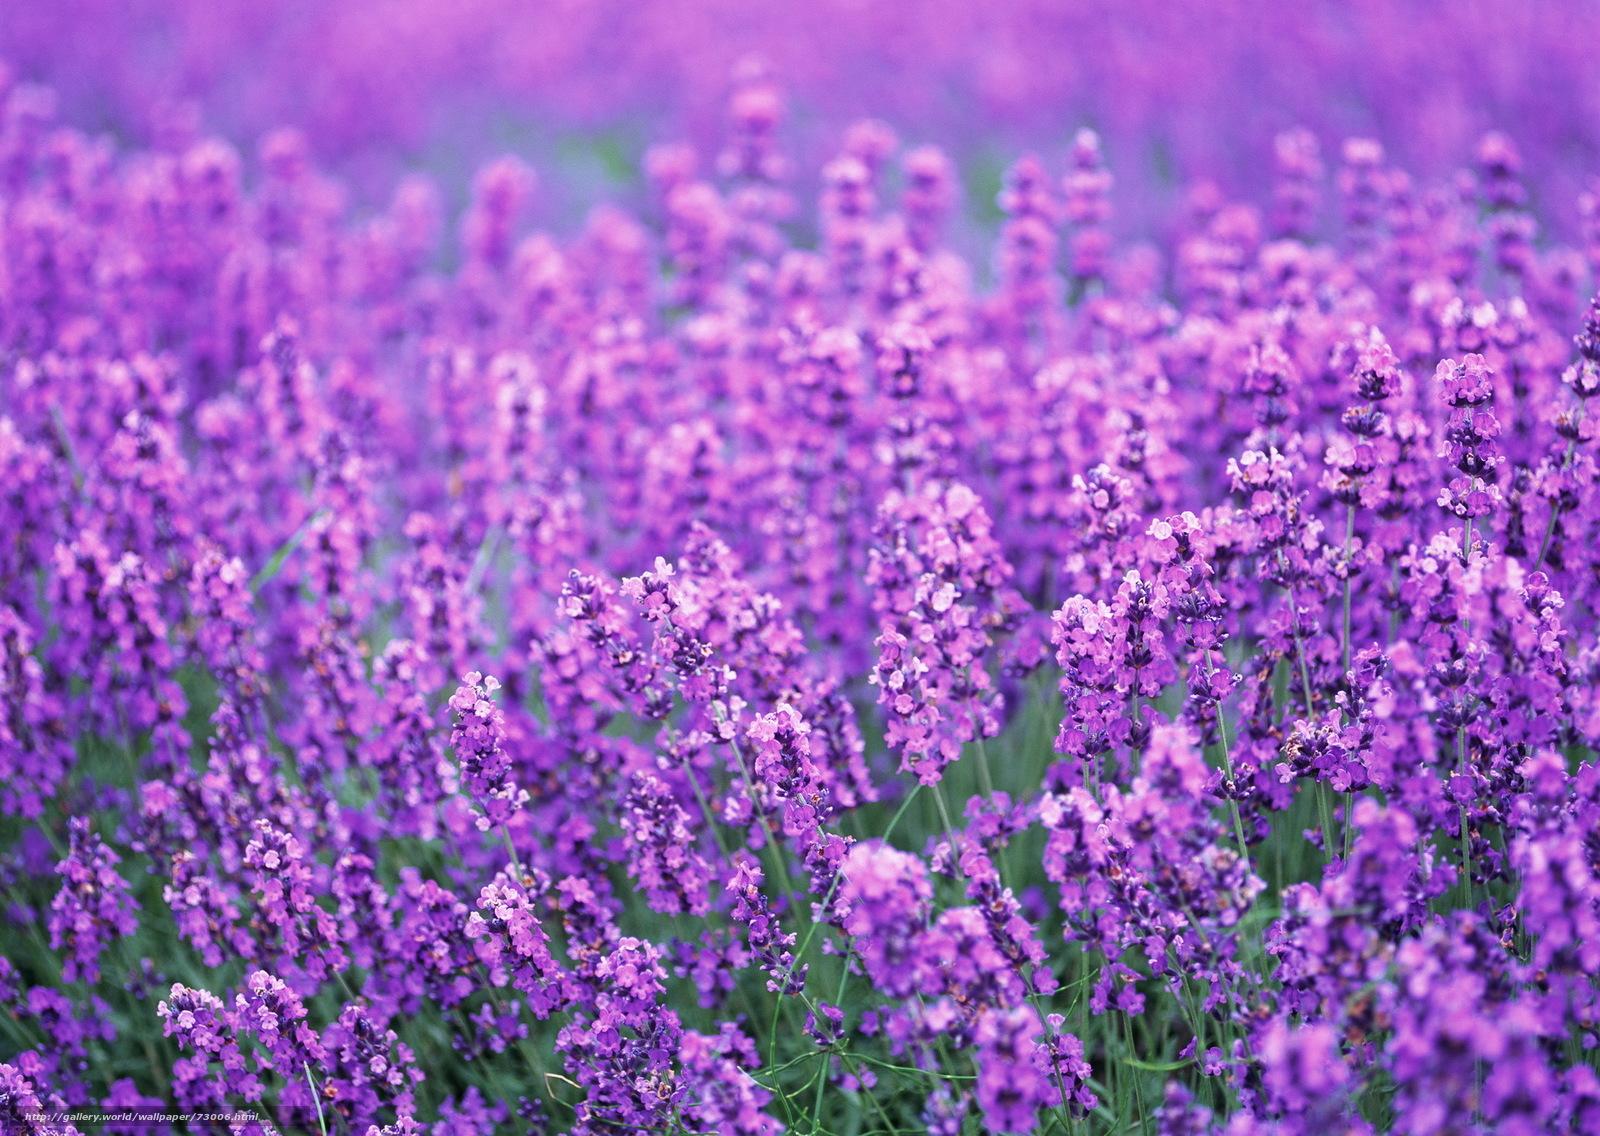 Скачать обои лаванда,  поле,  цветы,  лиловый бесплатно для рабочего стола в разрешении 1920x1363 — картинка №73006